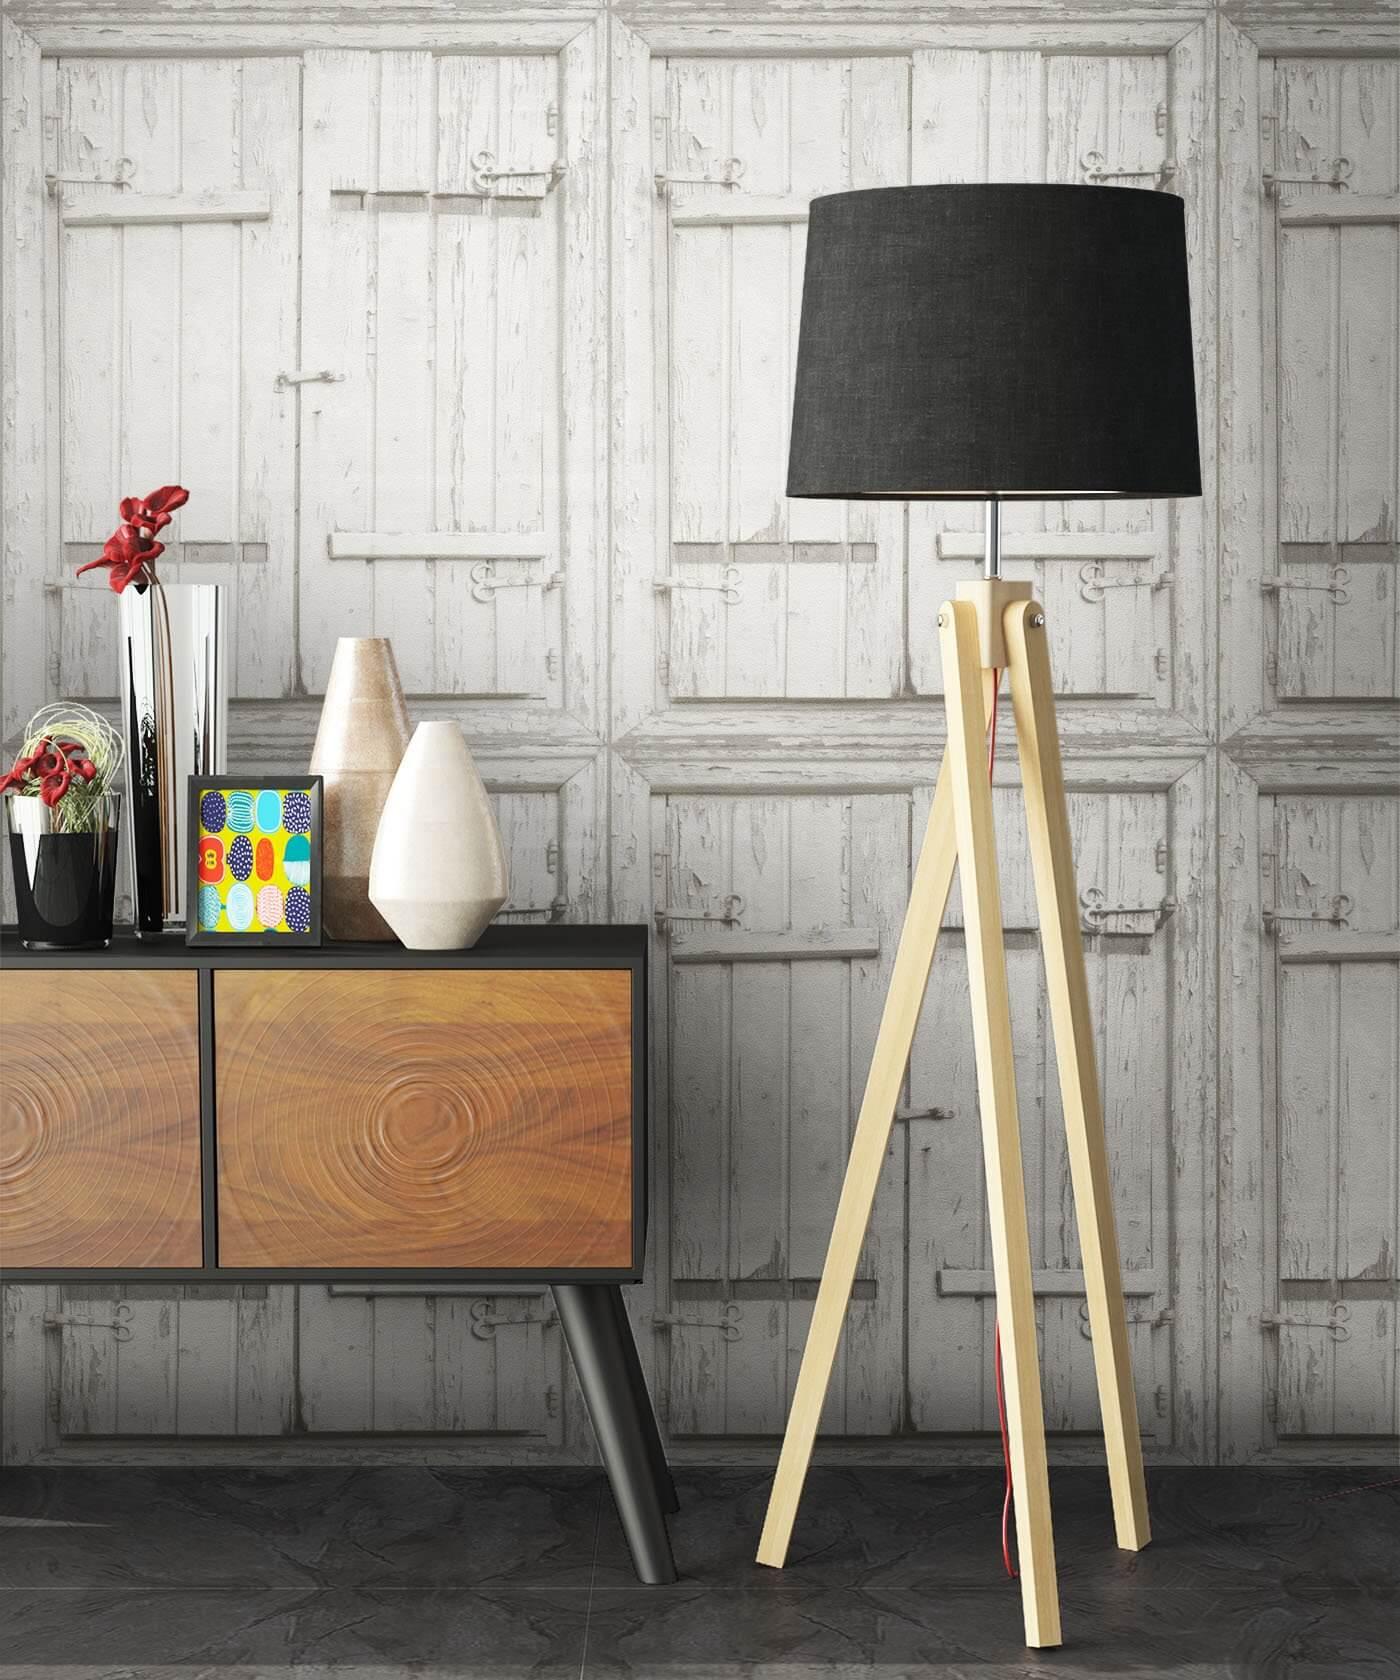 vliestapete wei landhaus holzbalken holz wohnen schlafen k che diele newroom. Black Bedroom Furniture Sets. Home Design Ideas